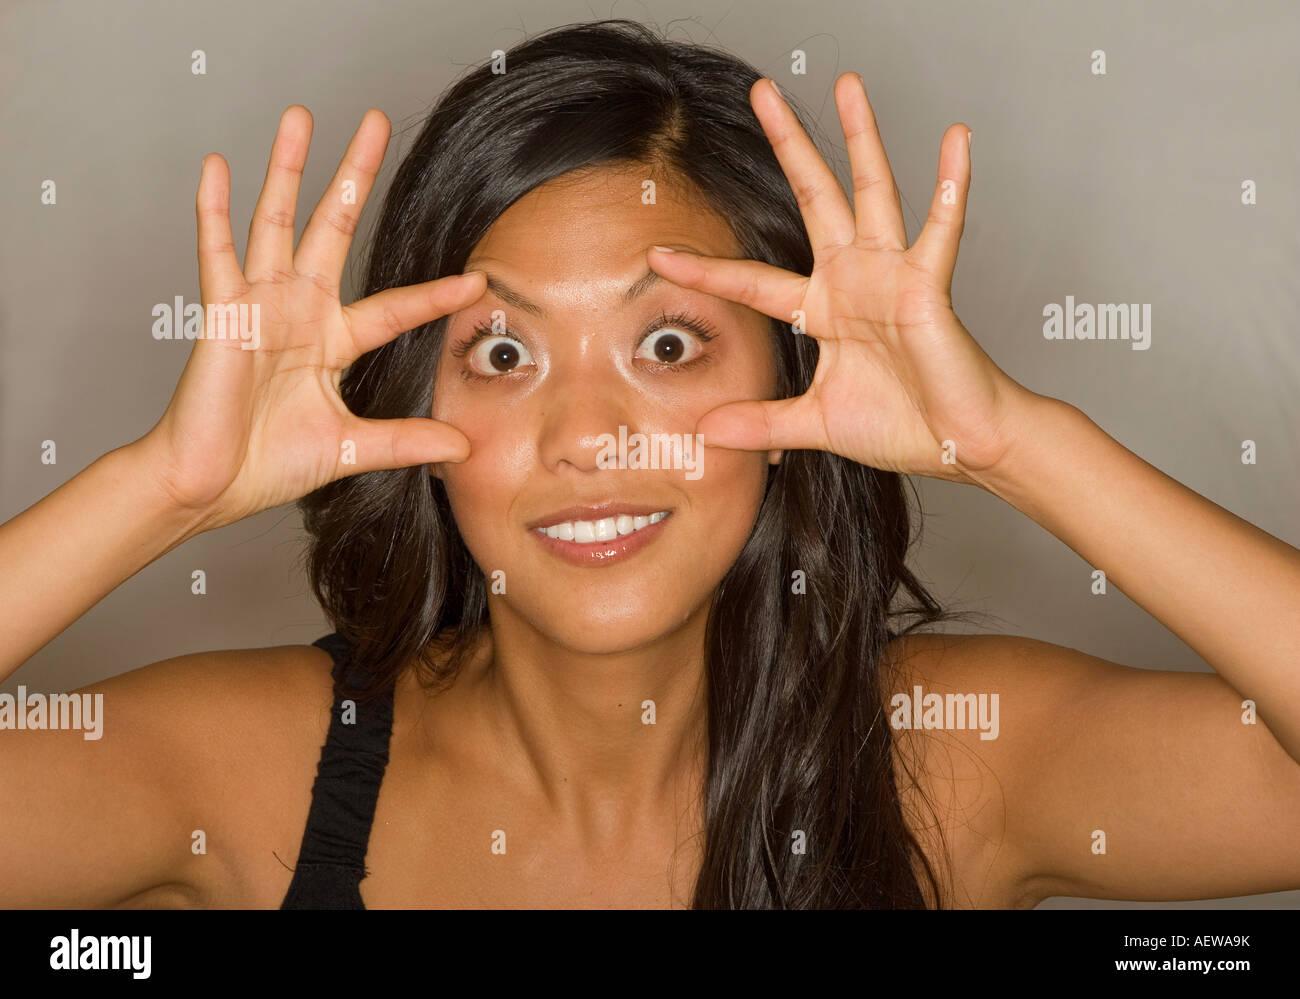 Hermosa joven mujer asiática abultamiento de los ojos con los dedos extendidos Foto de stock